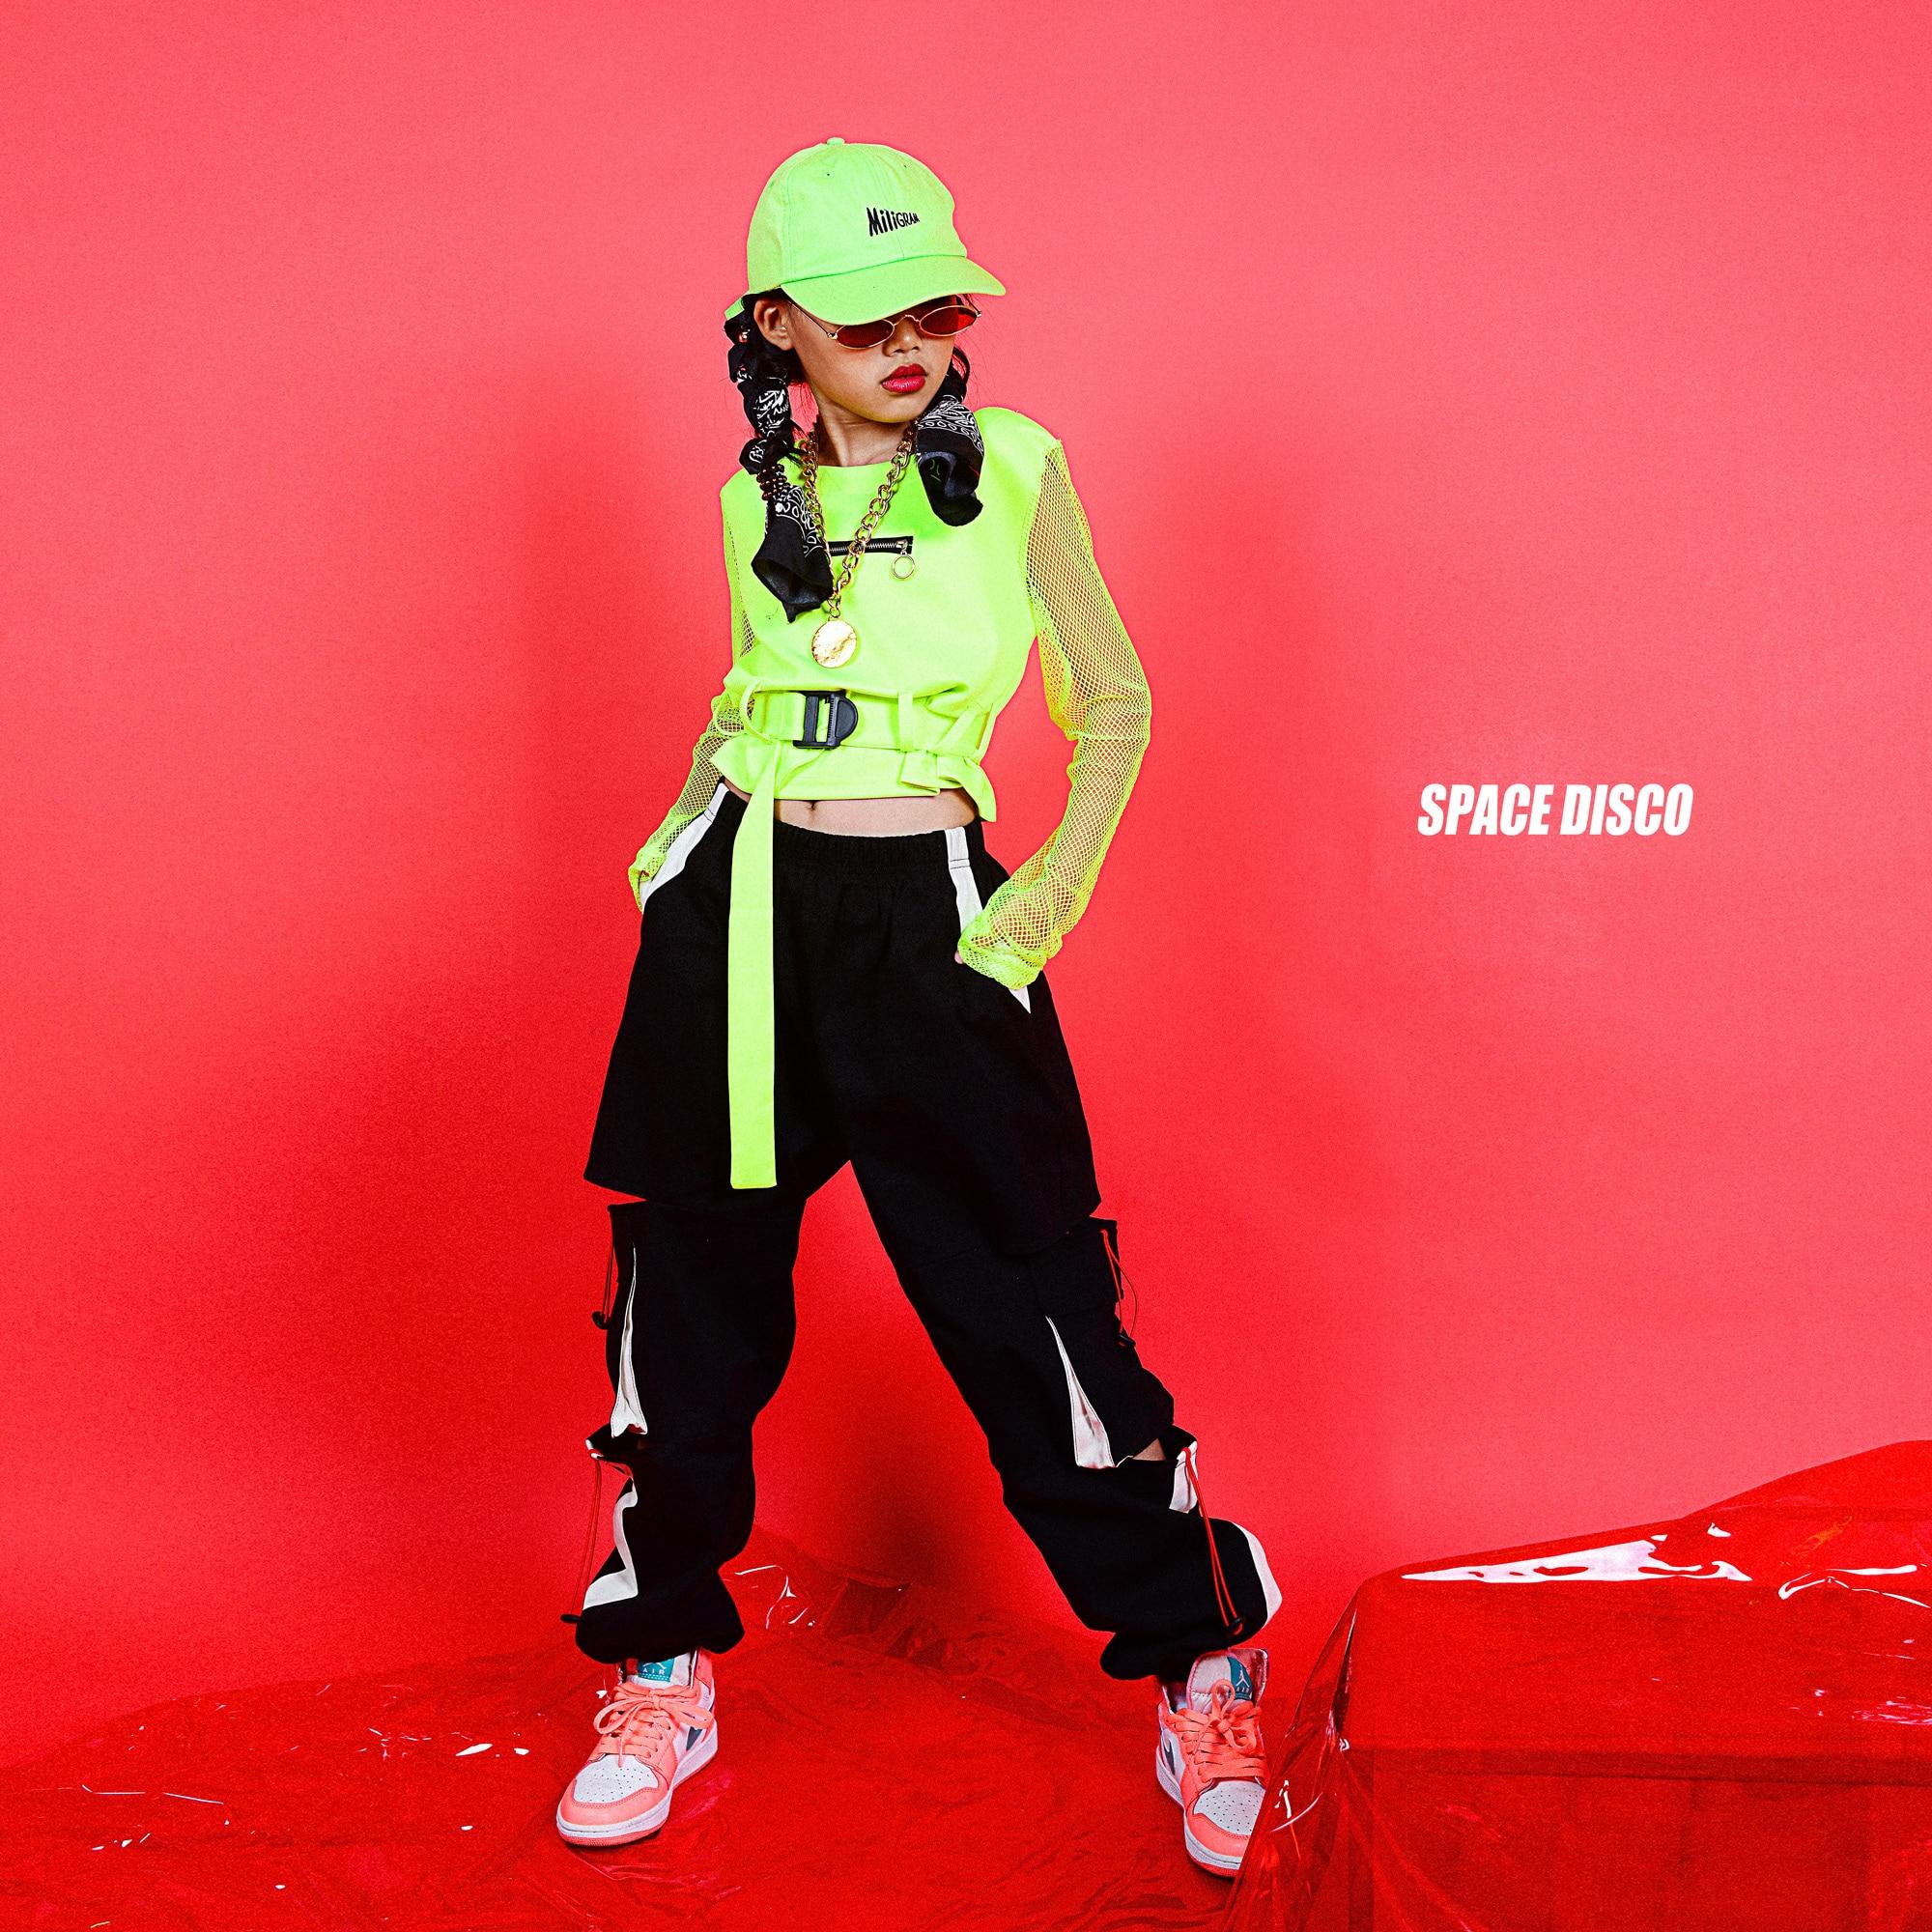 Girls Jazz Dance Costume Children'S Street Dance Clothing Fluorescent Green Top Hiphop Pants Ballroom Hip Hop Clothing DQS3417